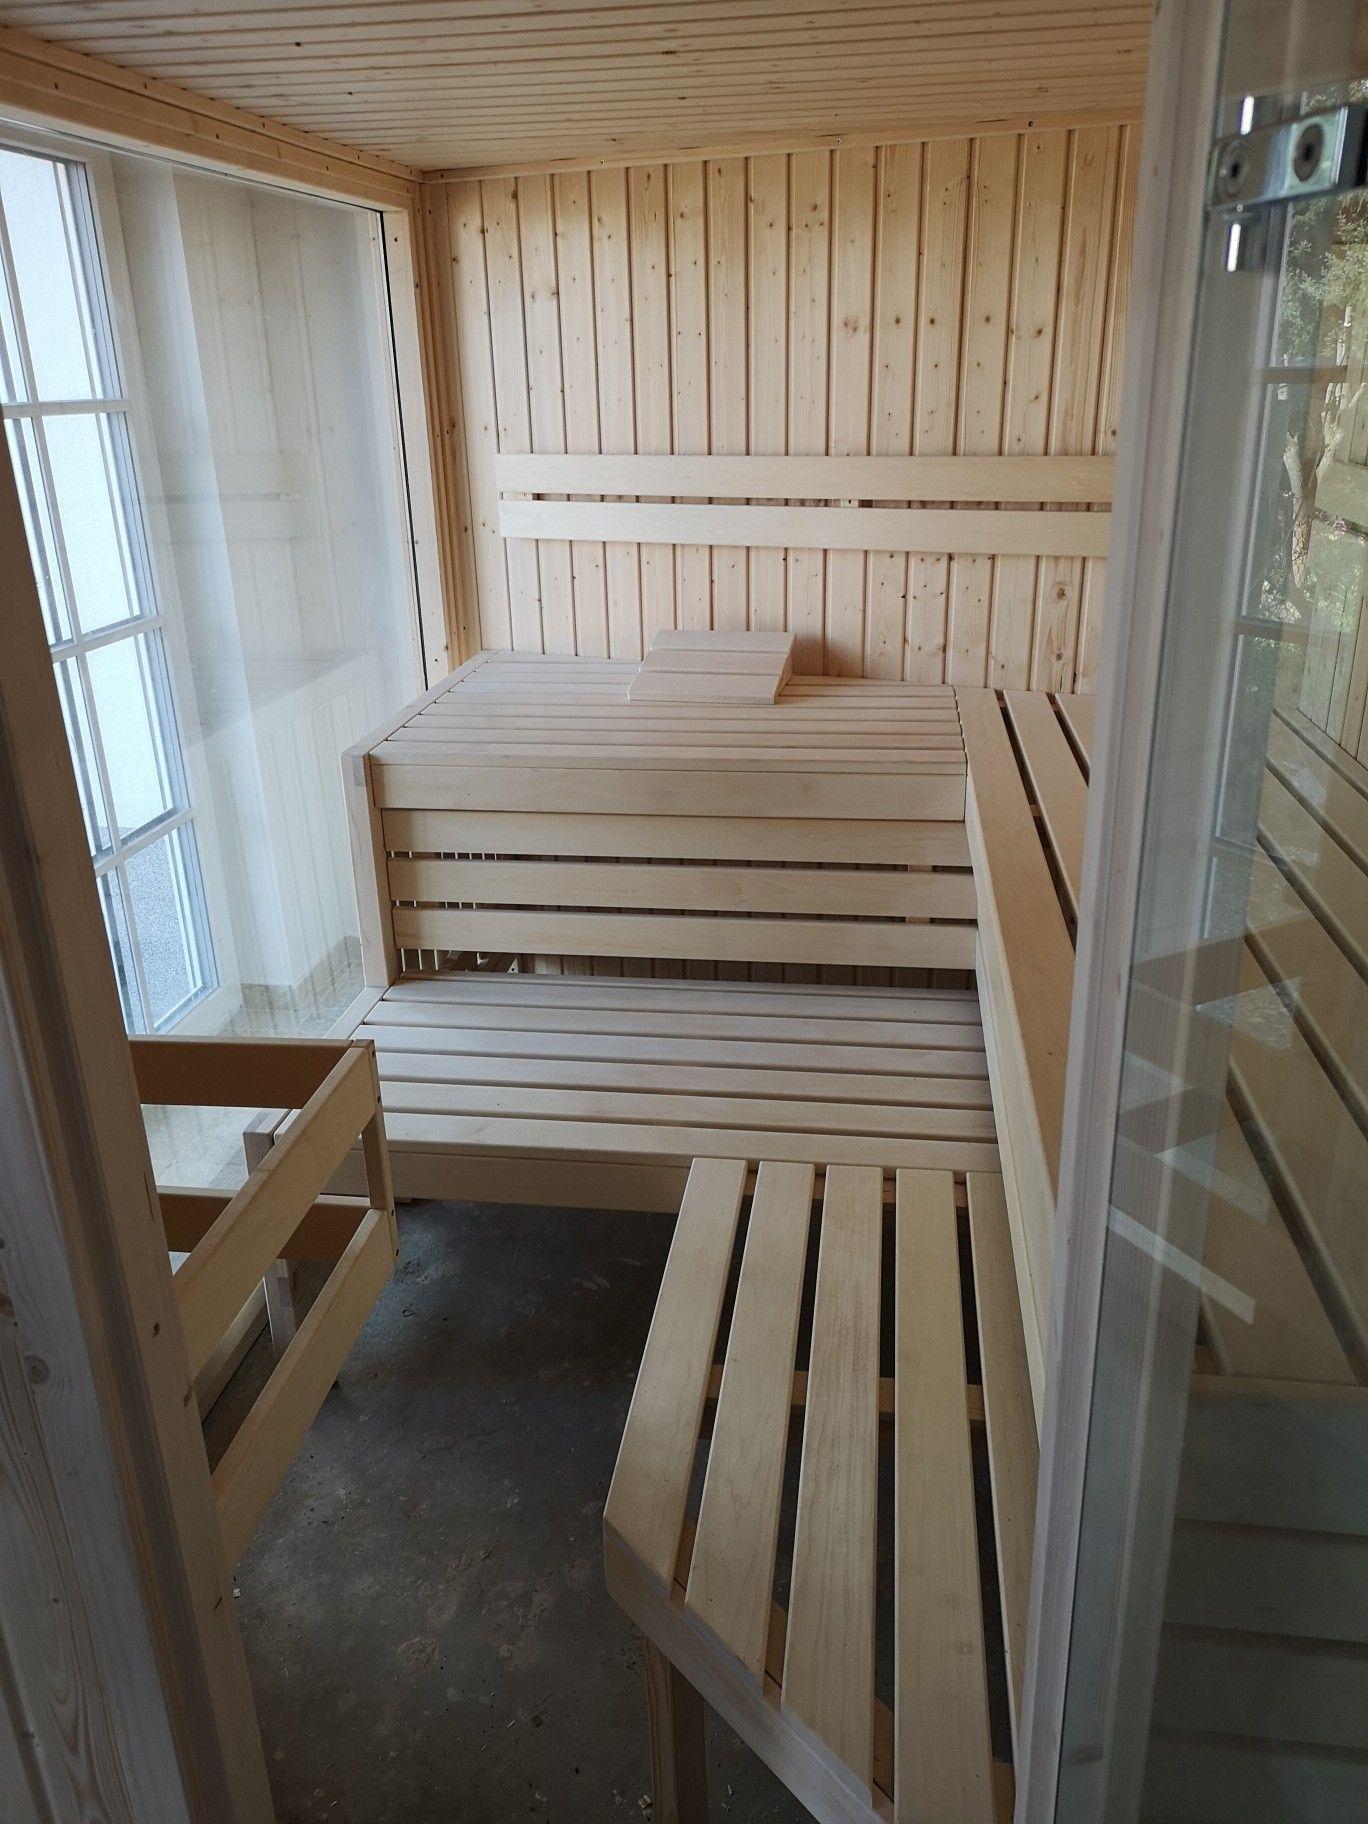 Sauna Einrichtung Nach Kunden Wunsch Angepasst Sauna